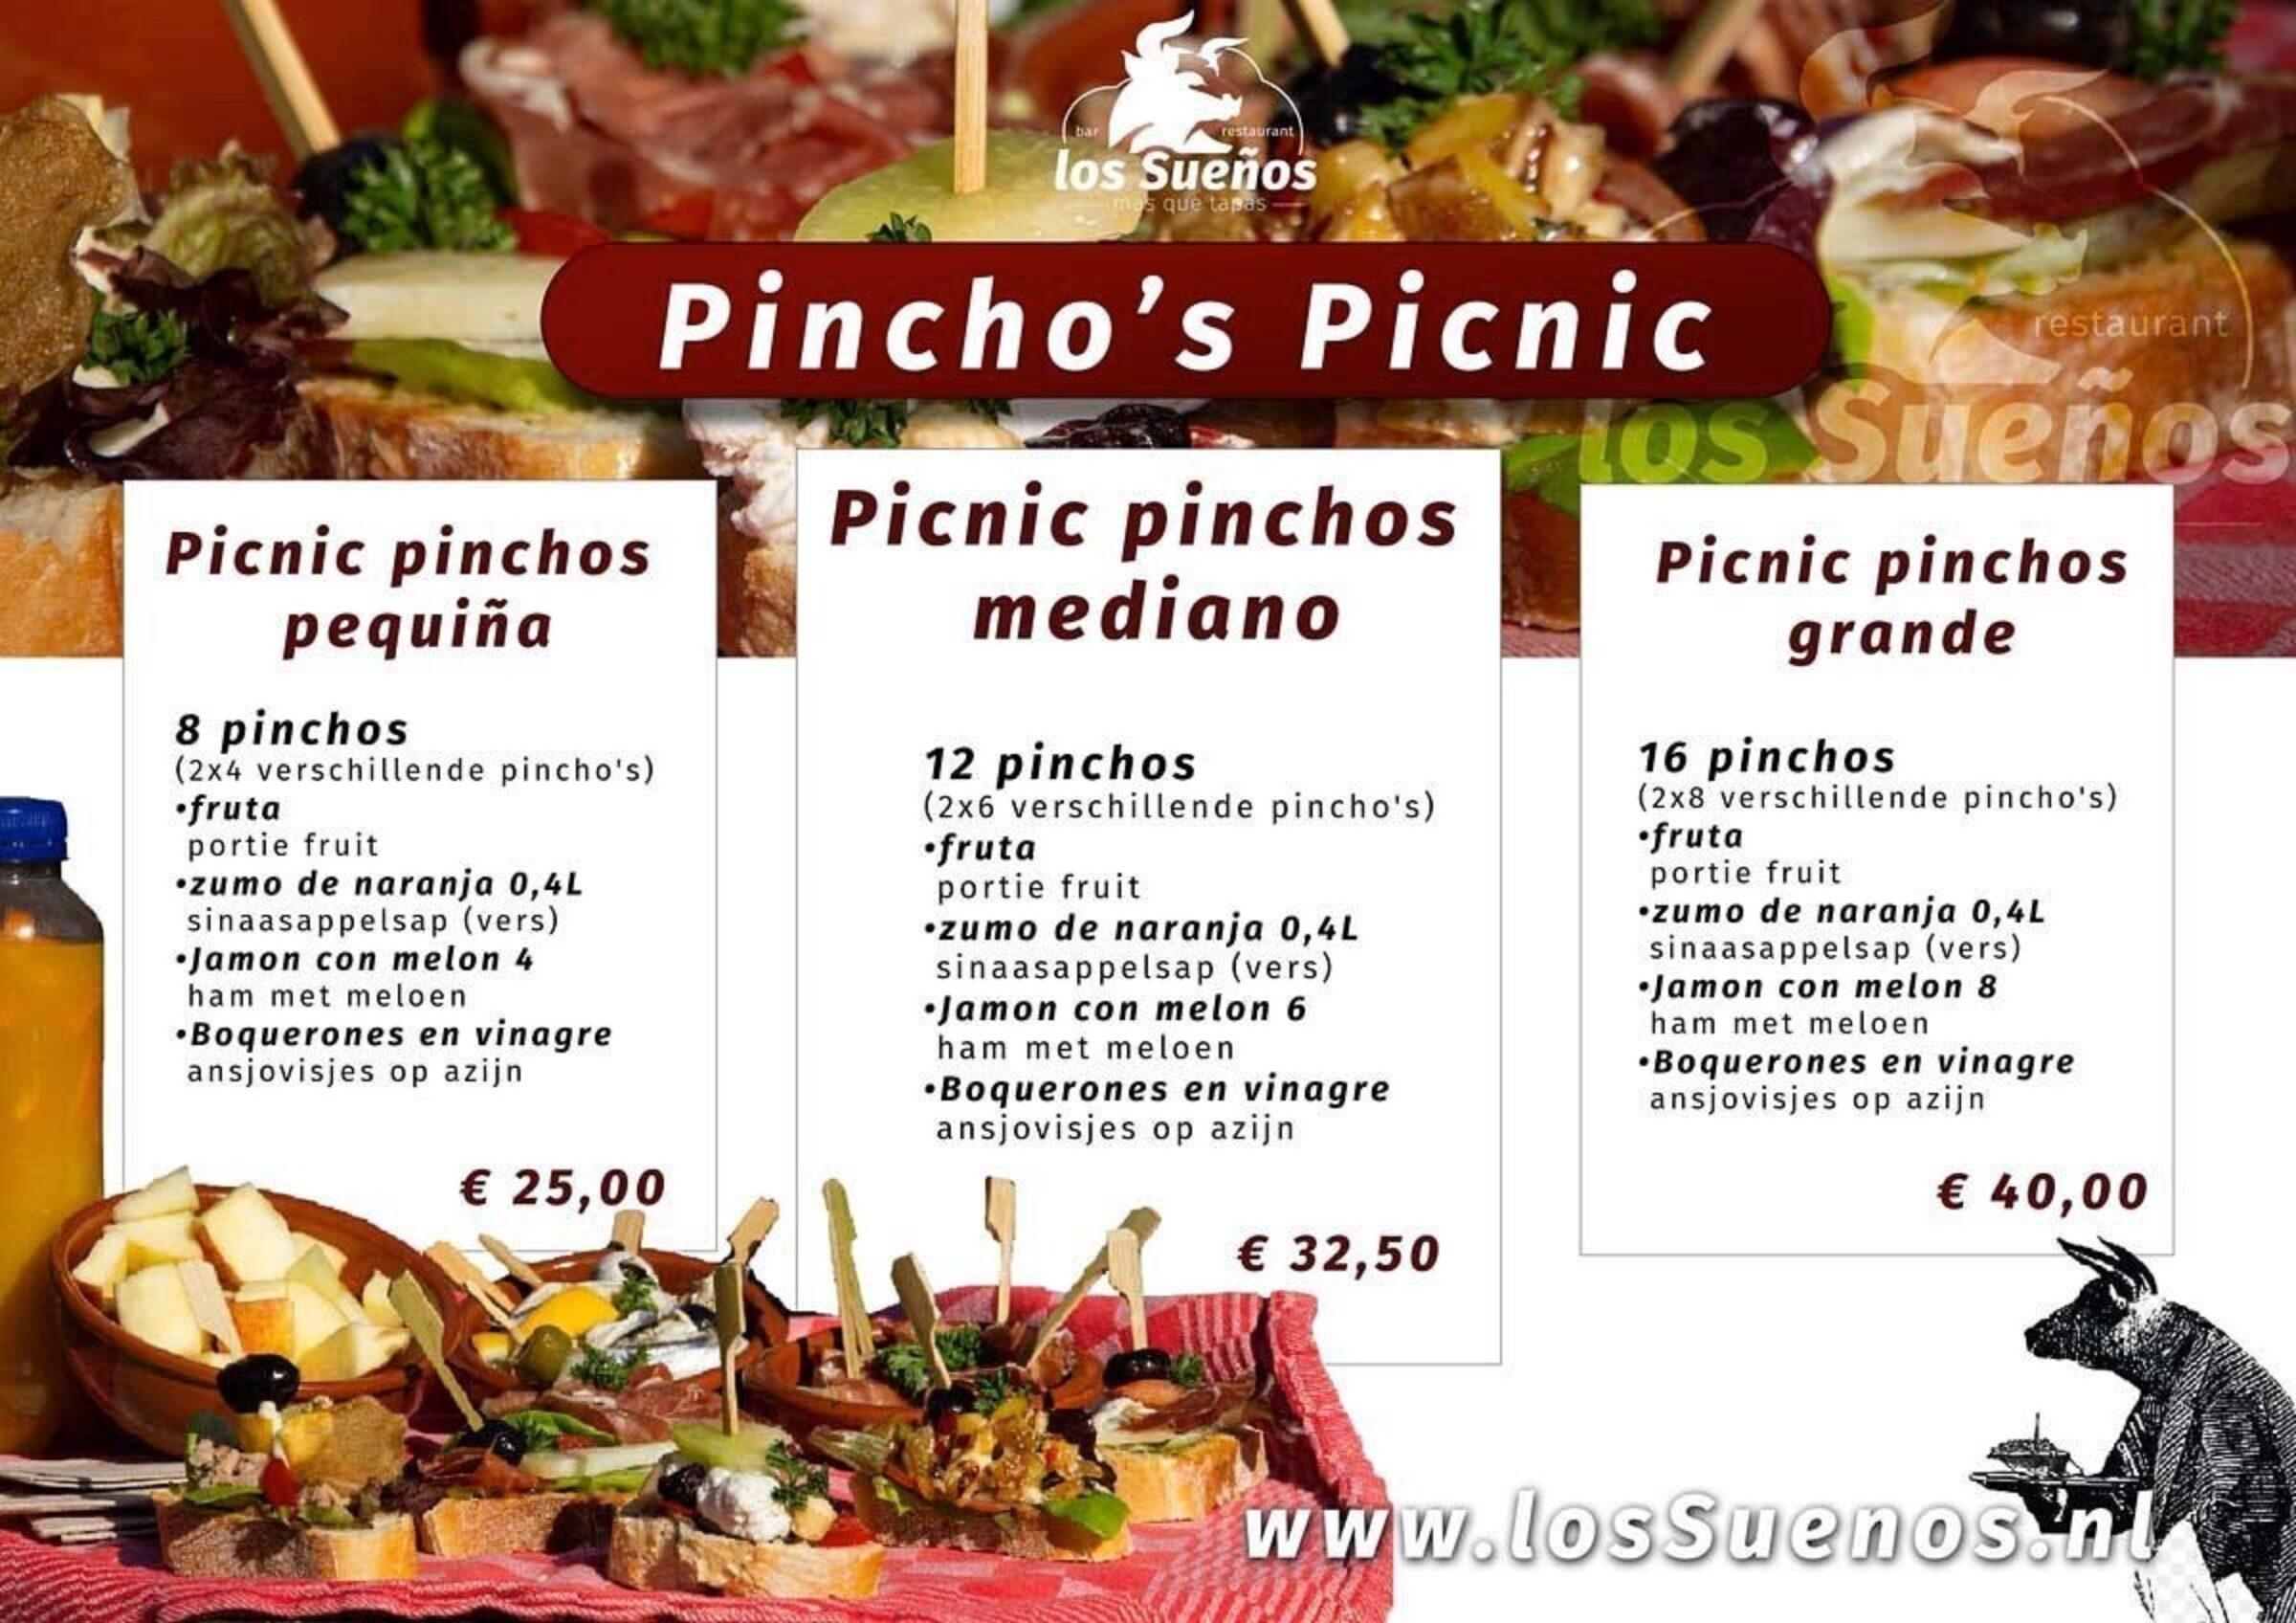 Pinchos picnic los suenos